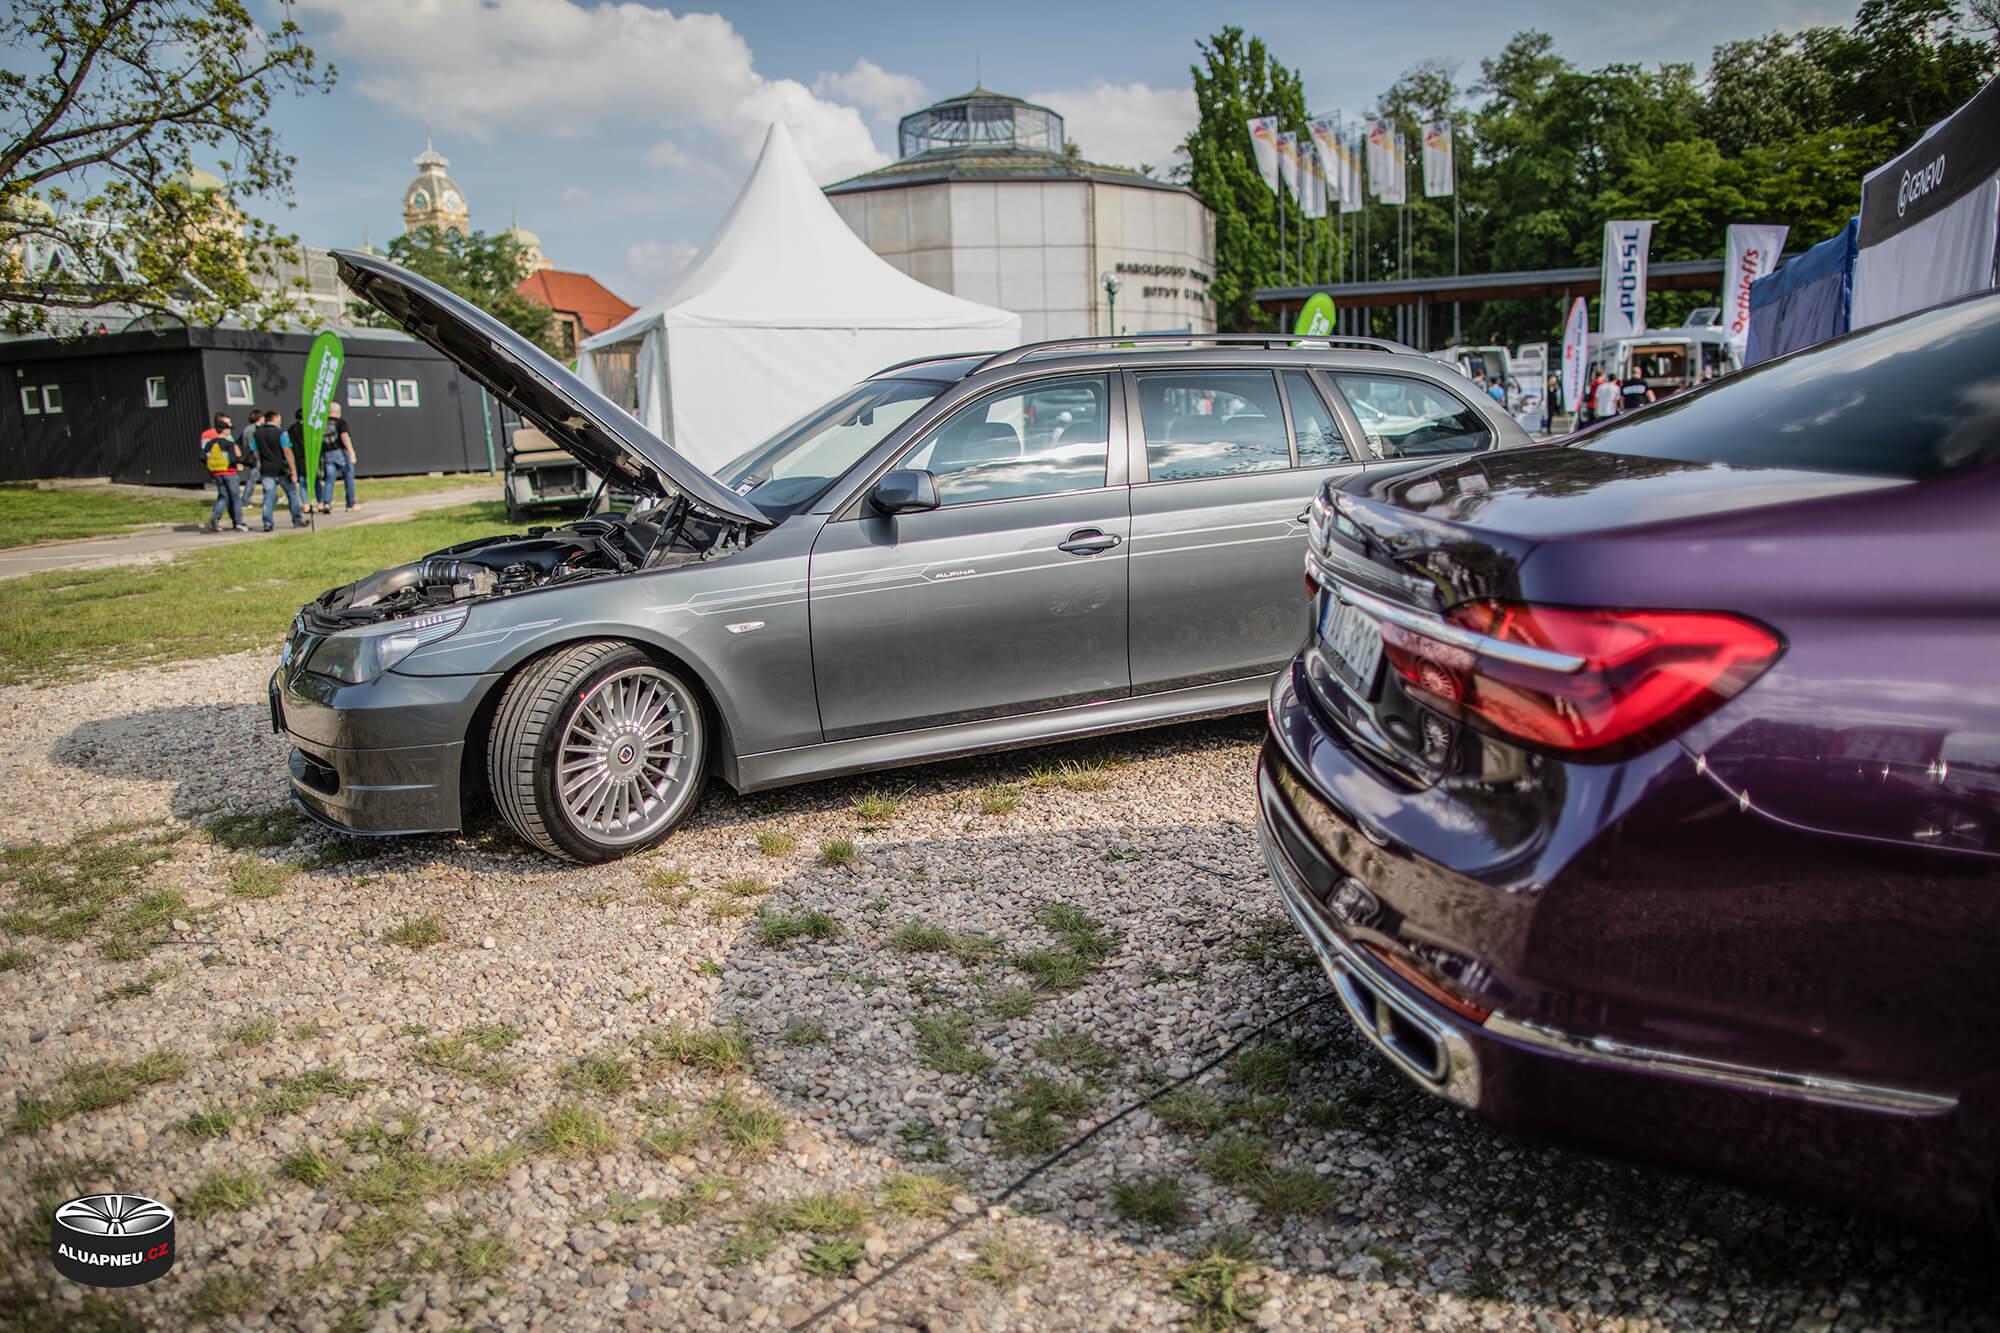 Alu kola Alpina Bmw 5 e61 - Automobilové Legendy 2019 - www.aluapneu.cz